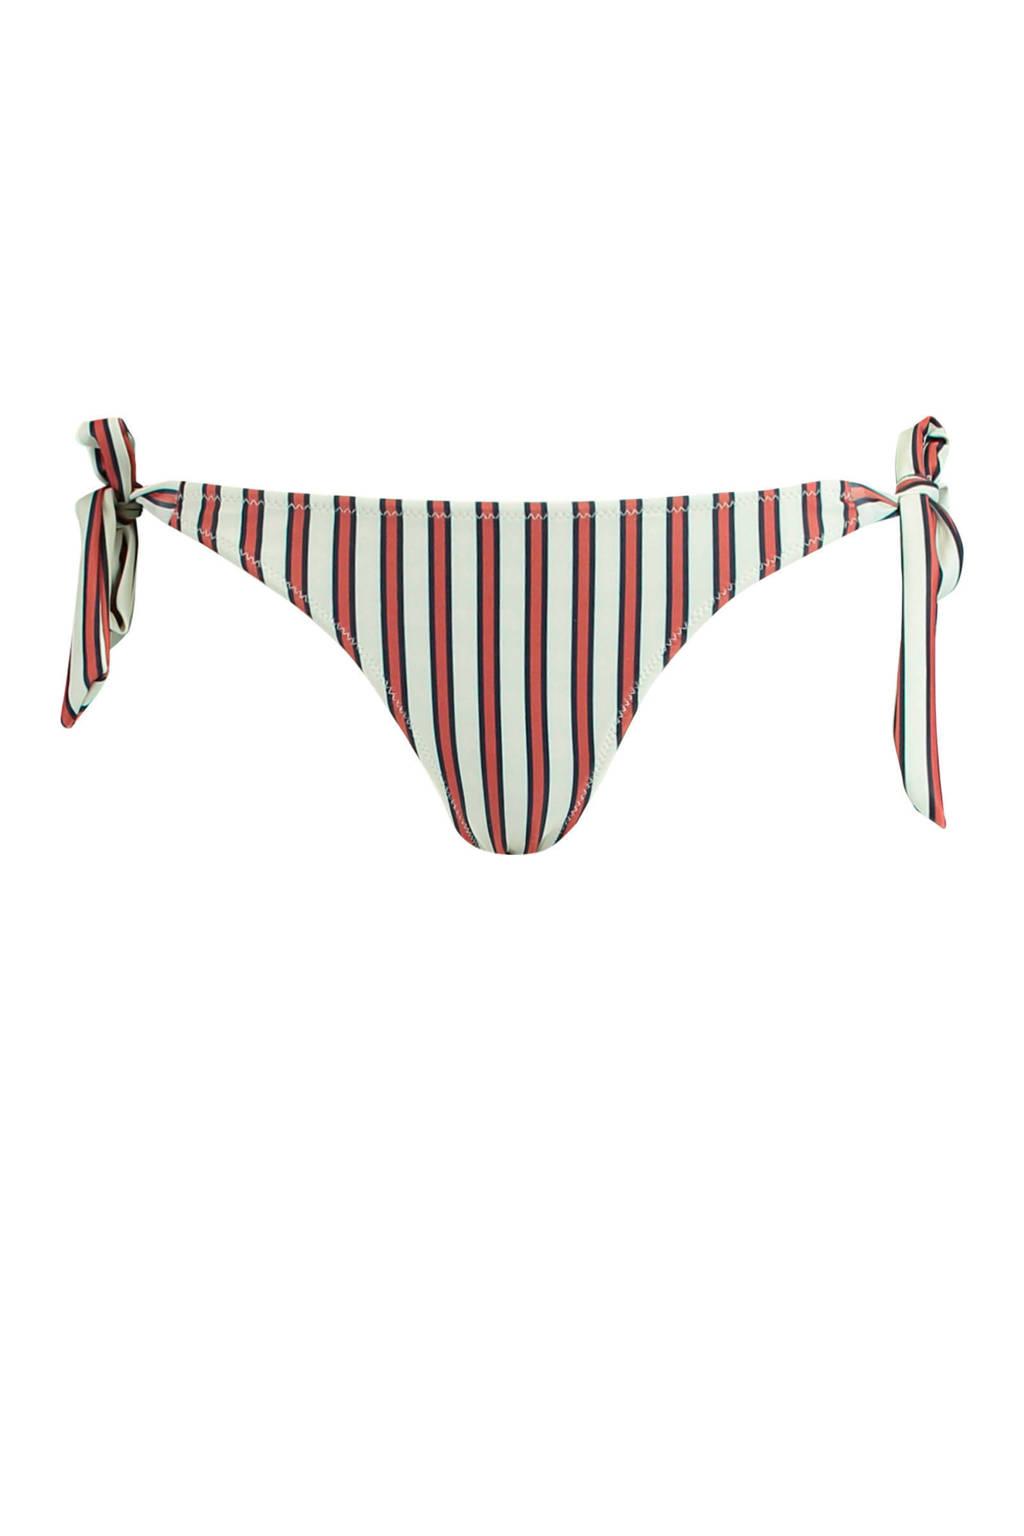 America Today strik bikinibroekje Alawa streep, Wit/rood